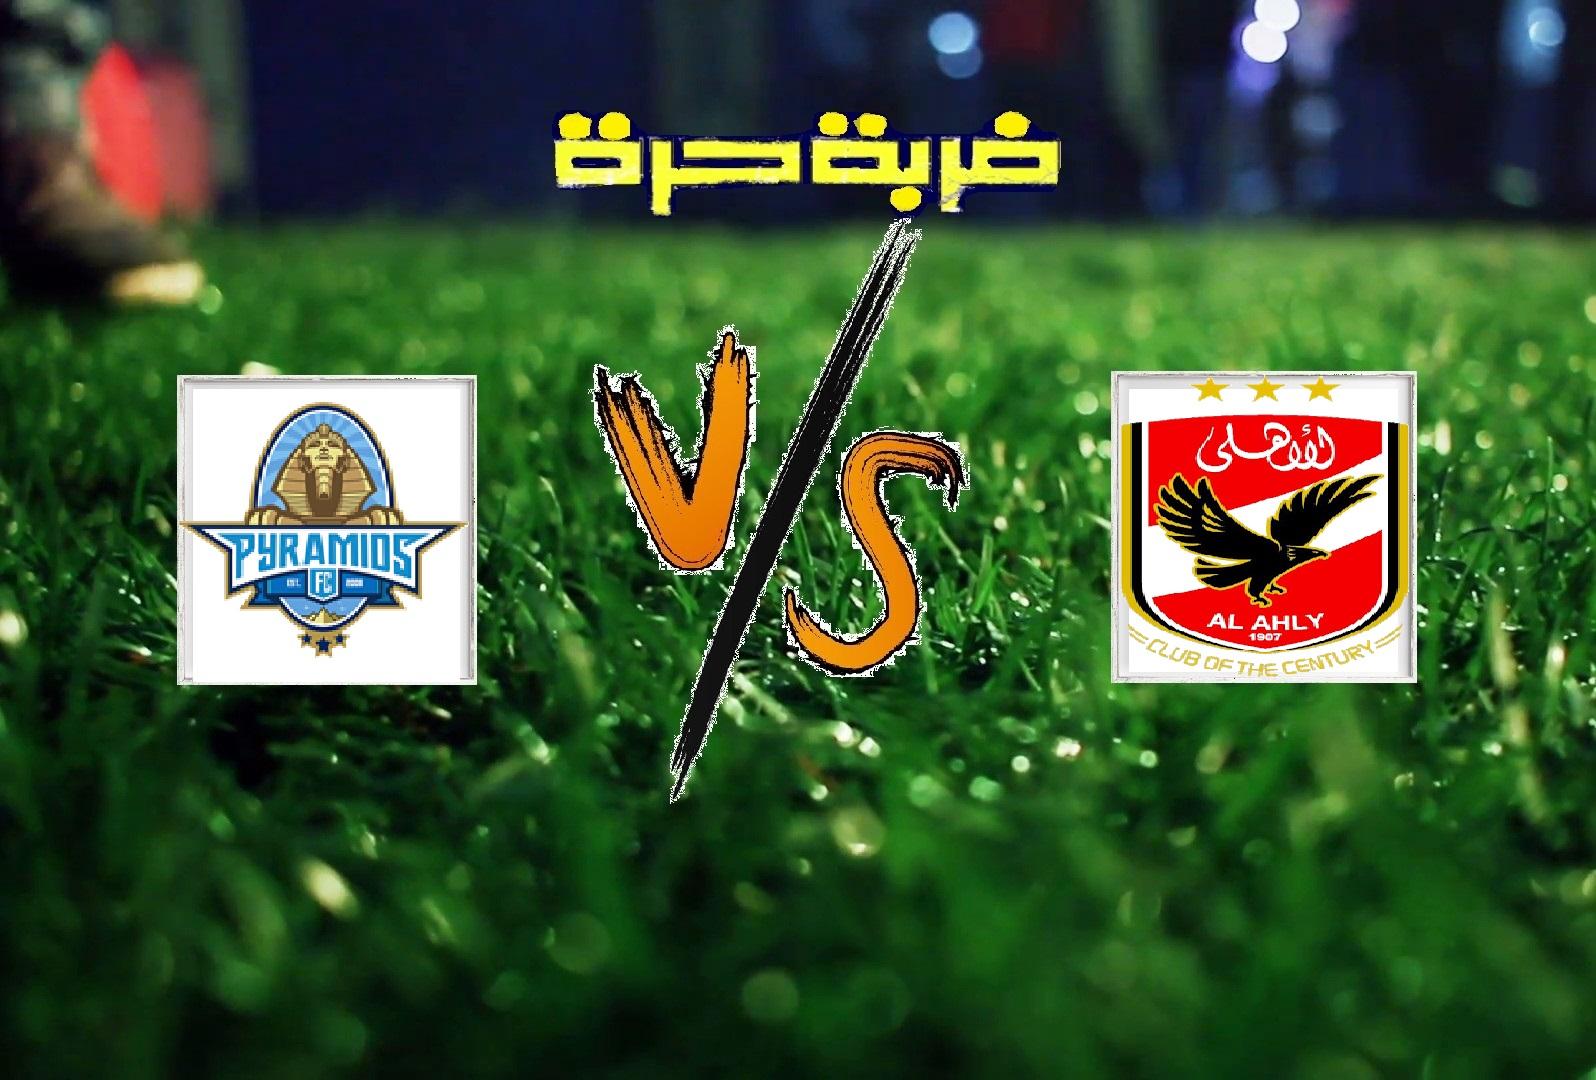 بيراميدز يفوز على الاهلي بهدف دون رد في الجولة الـ25 من الدوري المصري